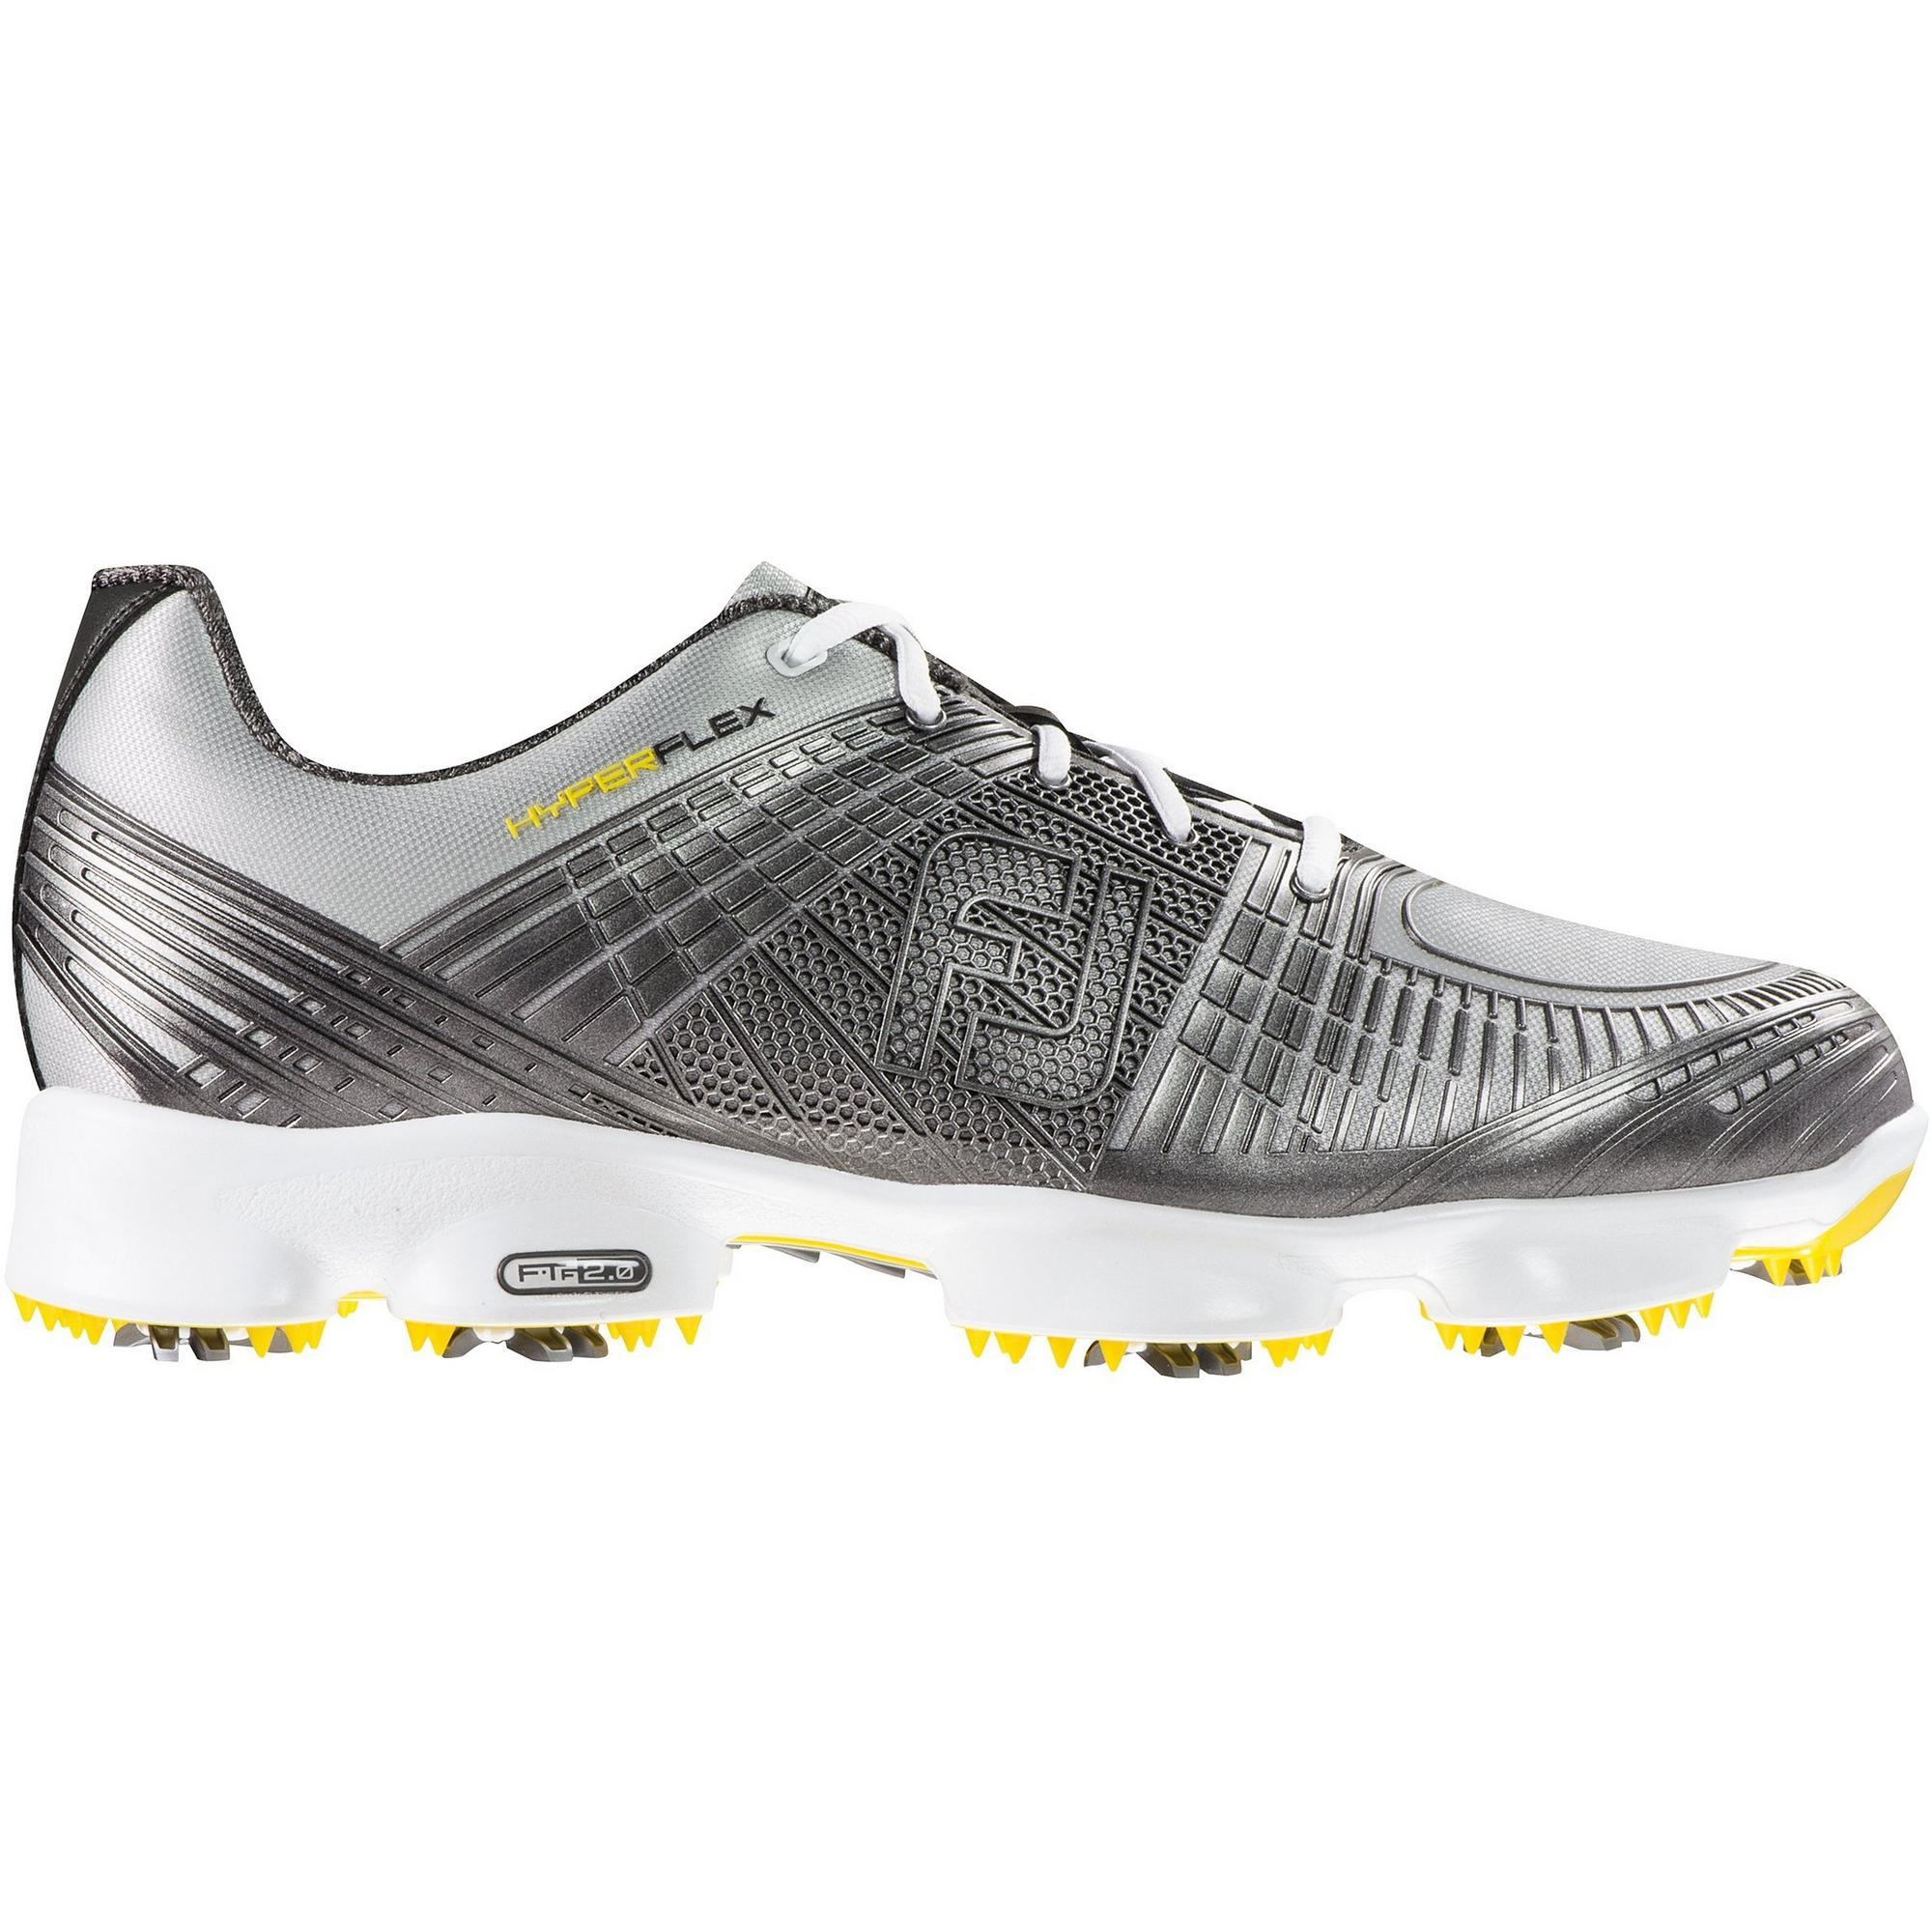 Men's Hyperflex II Spiked Golf Shoe - Silver